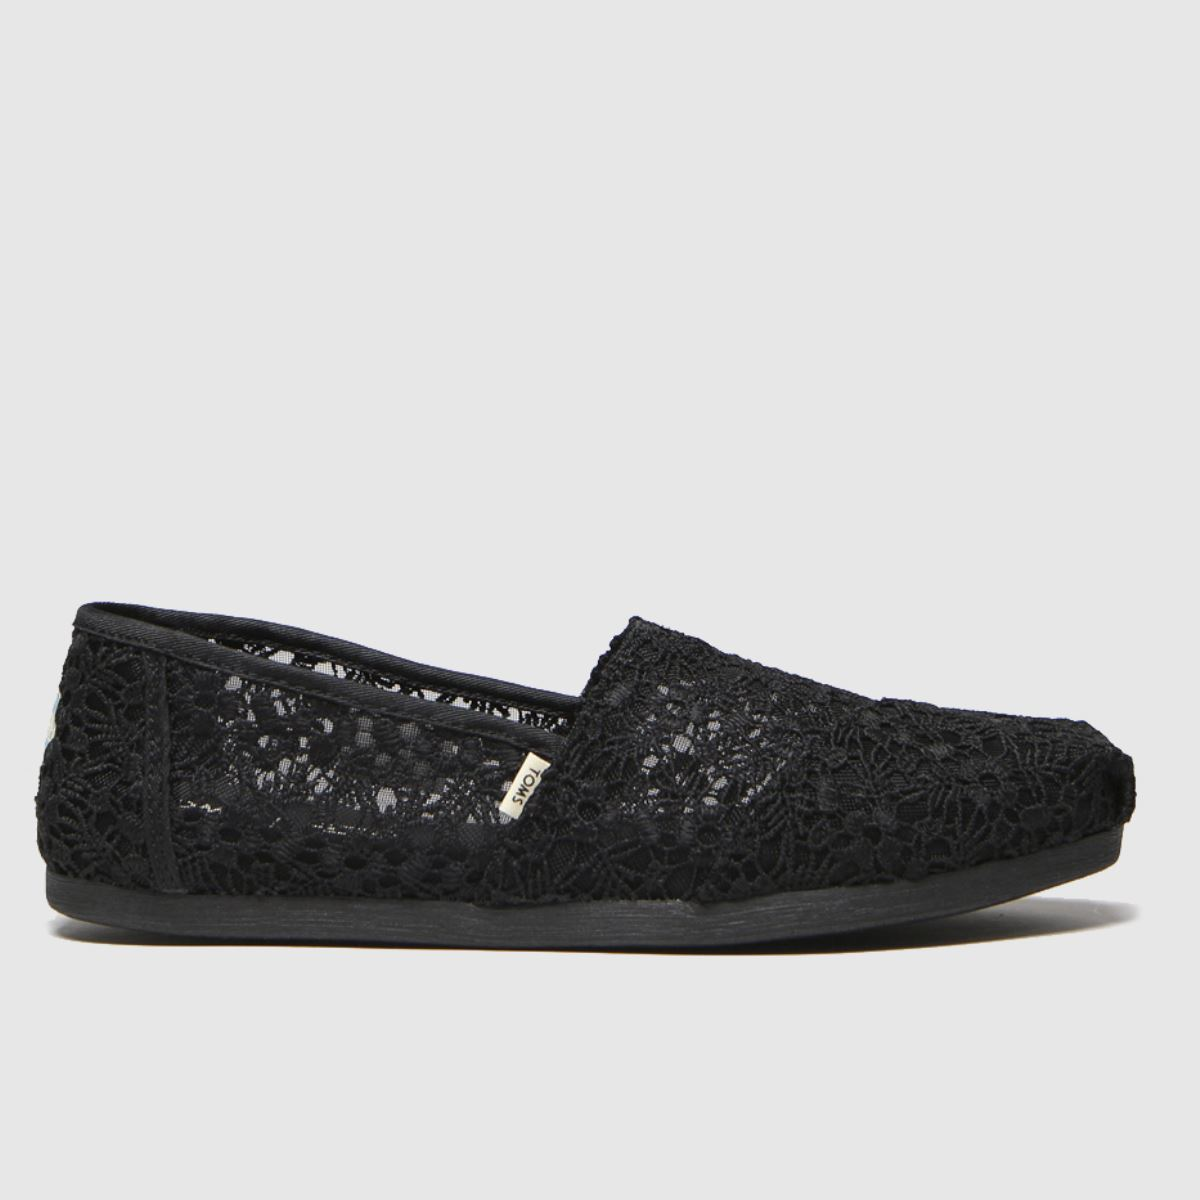 Toms Black Alpargata Floral Lace Flat Shoes